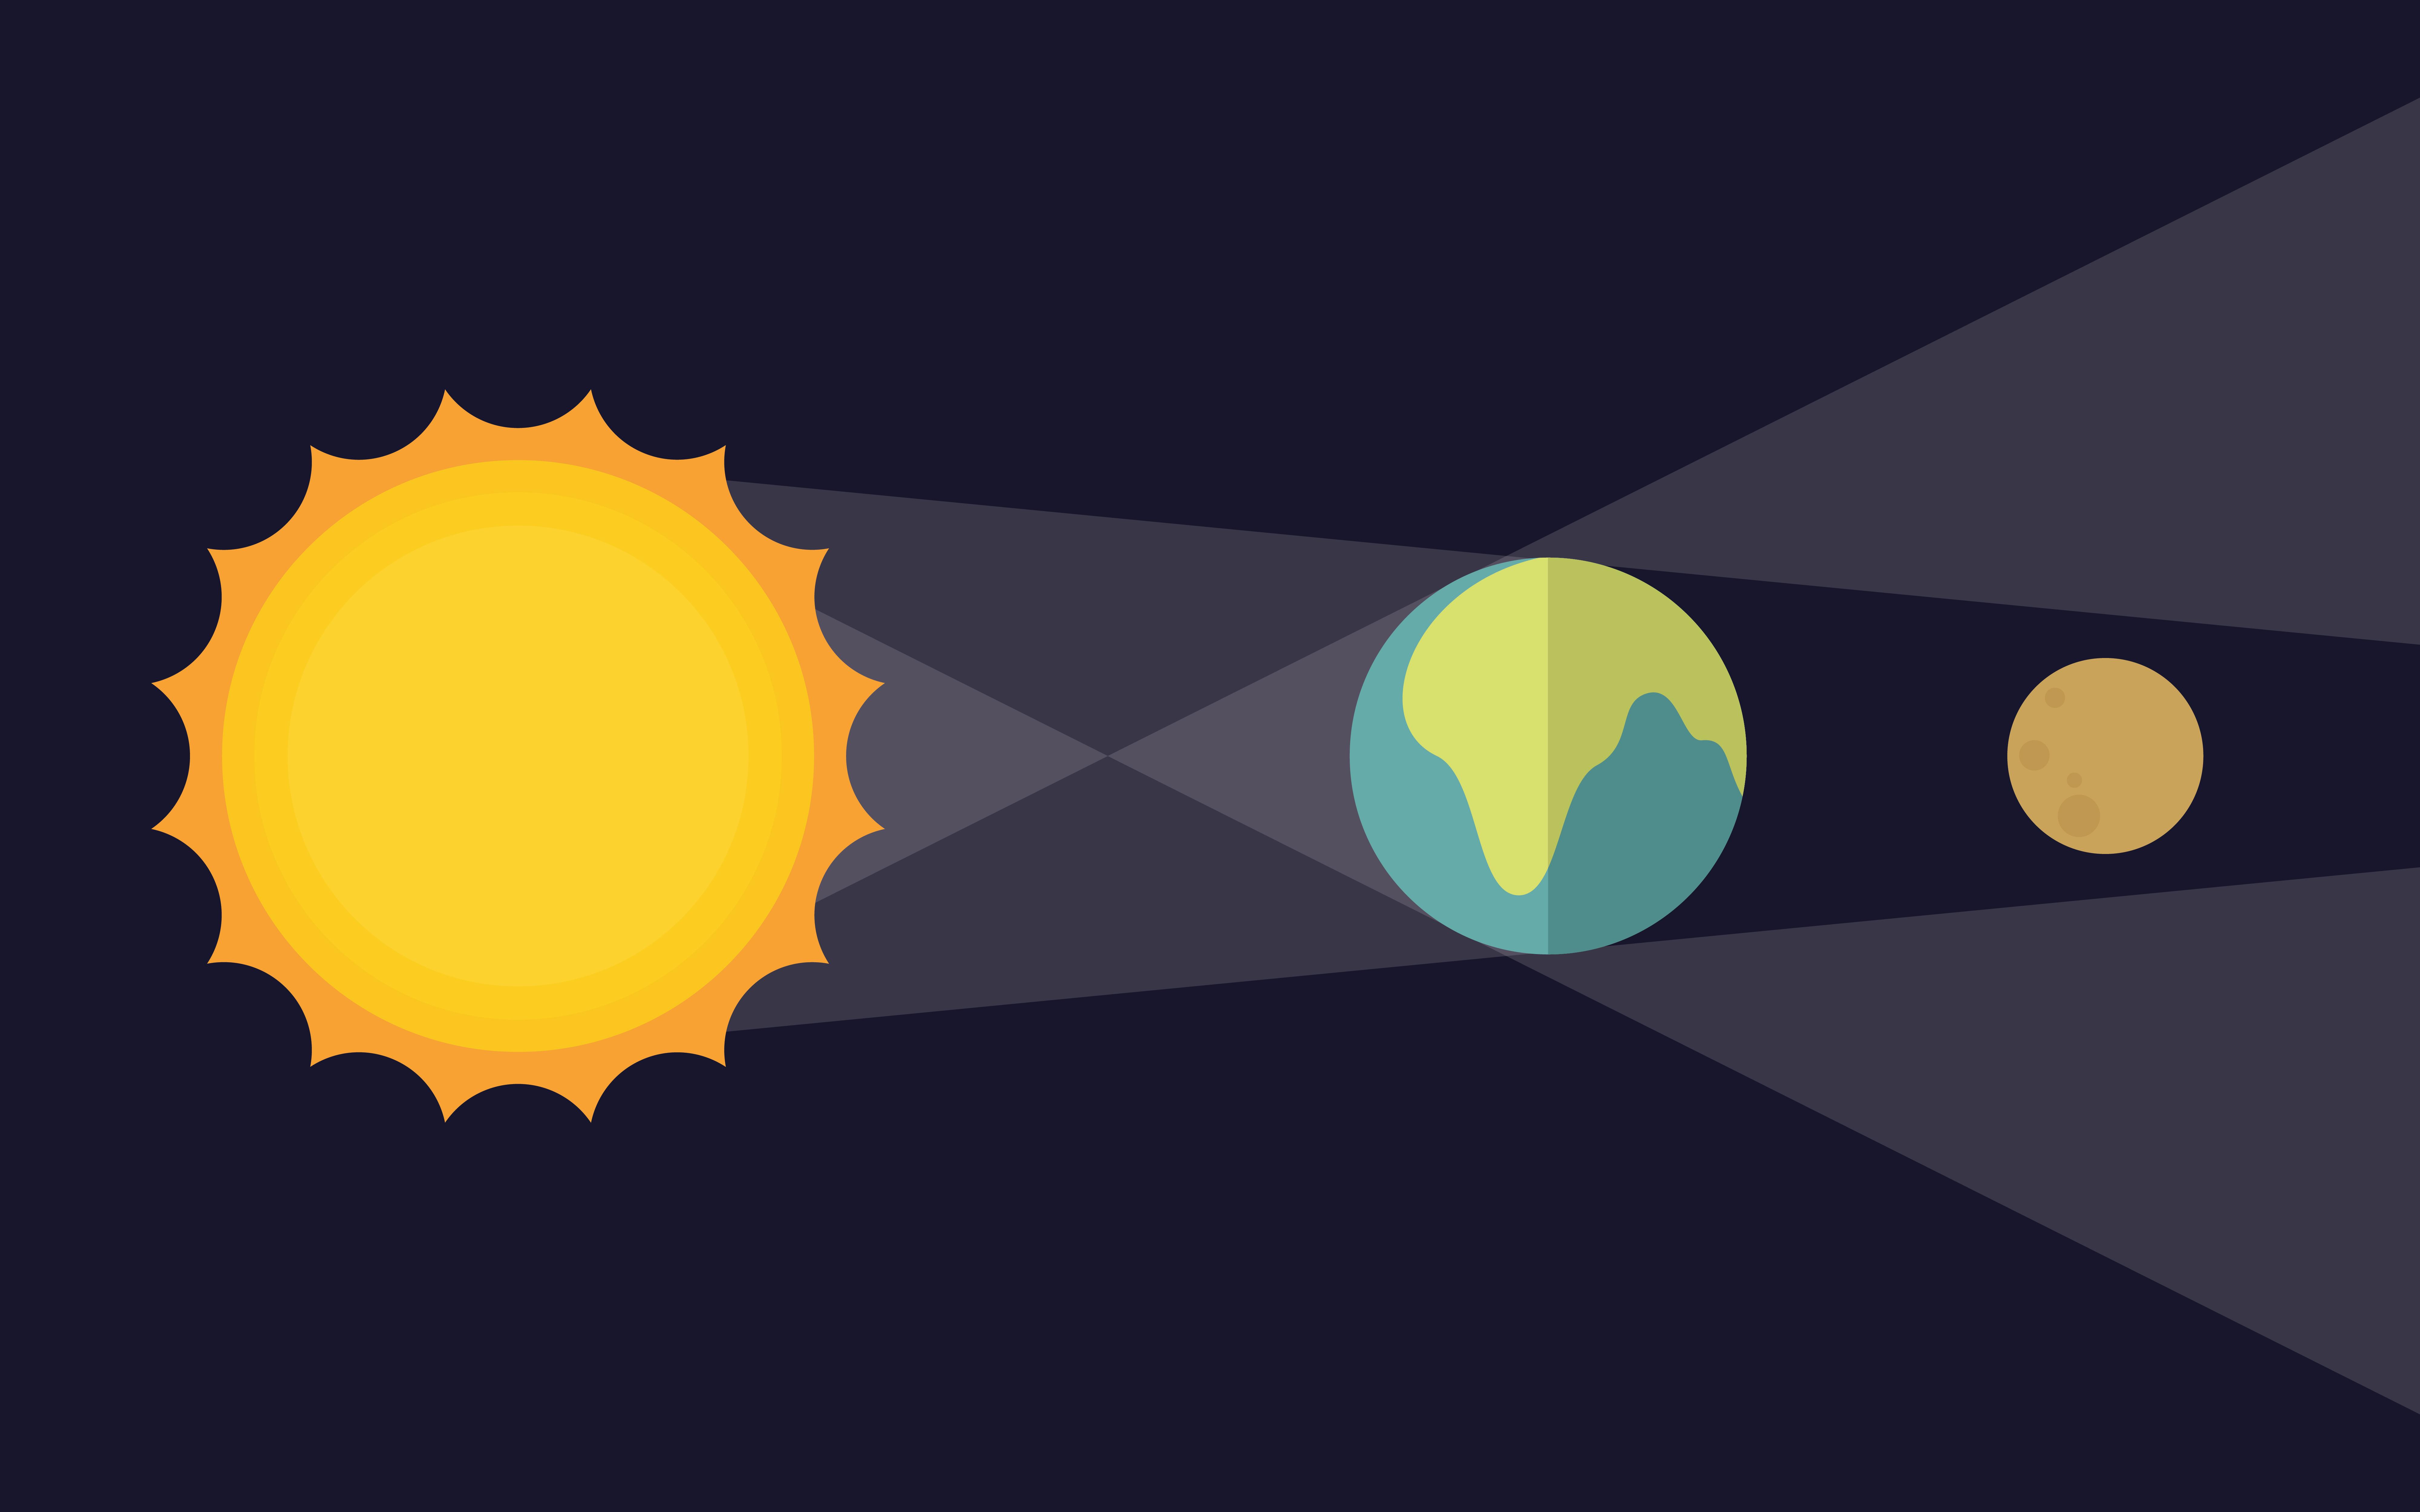 Calendario Lunare Di Bellezza.27 Luglio 2018 Pronto All Eclissi Di Luna Piu Lunga Del Secolo